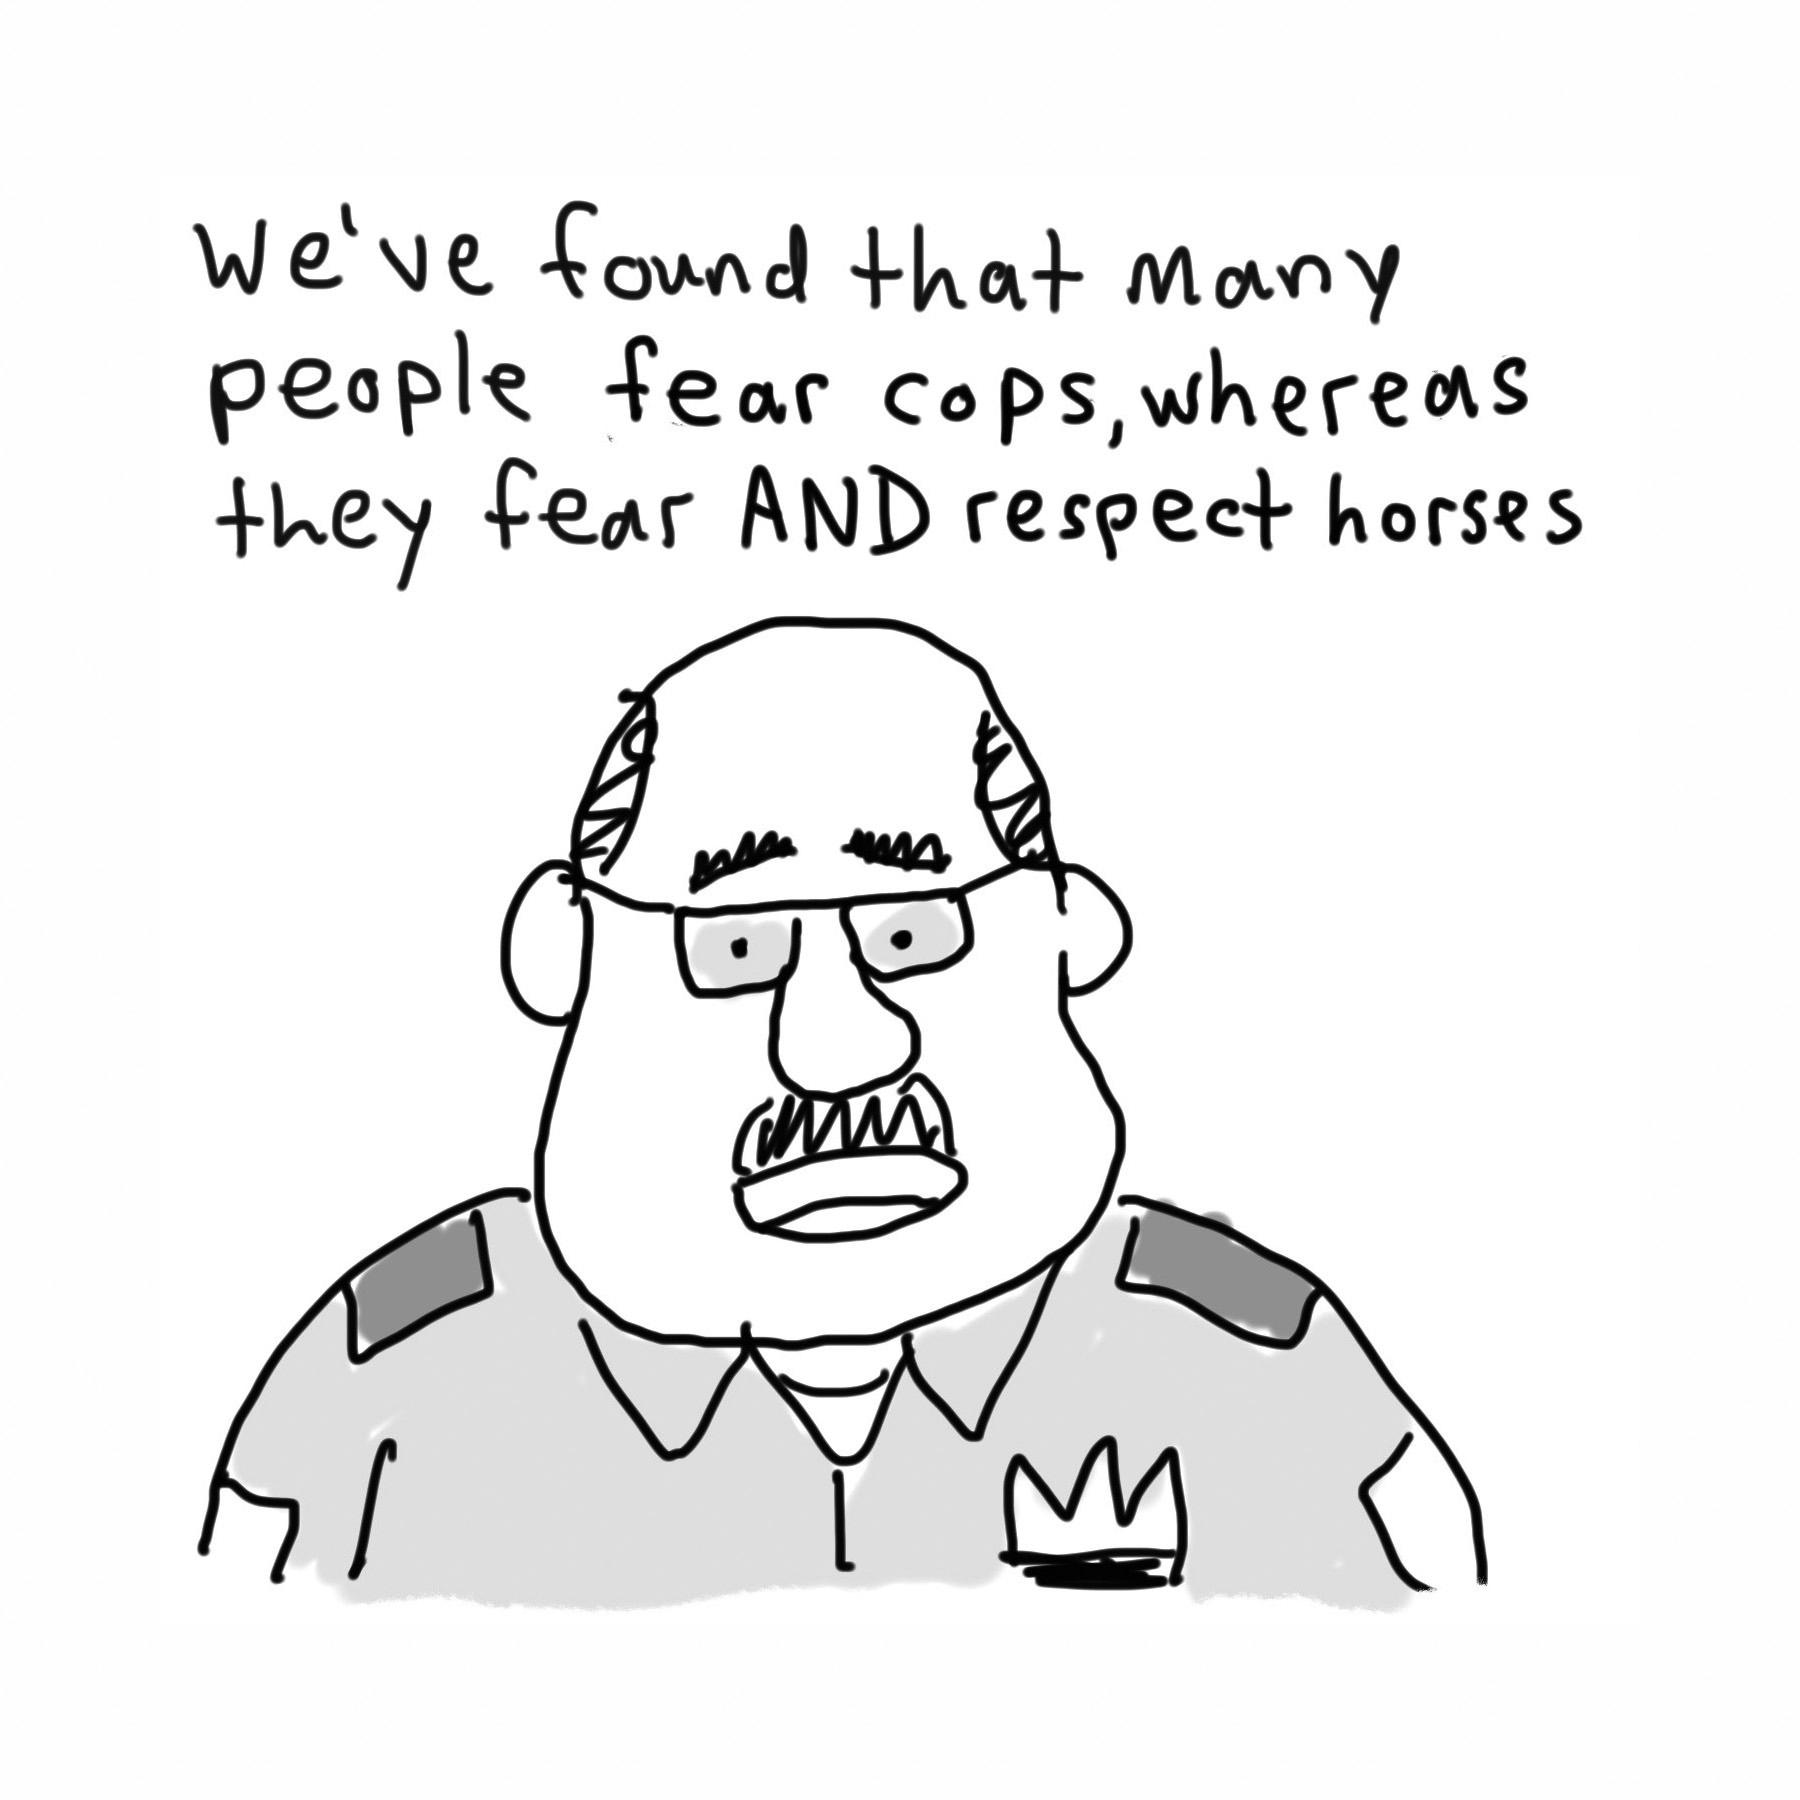 6horse cop